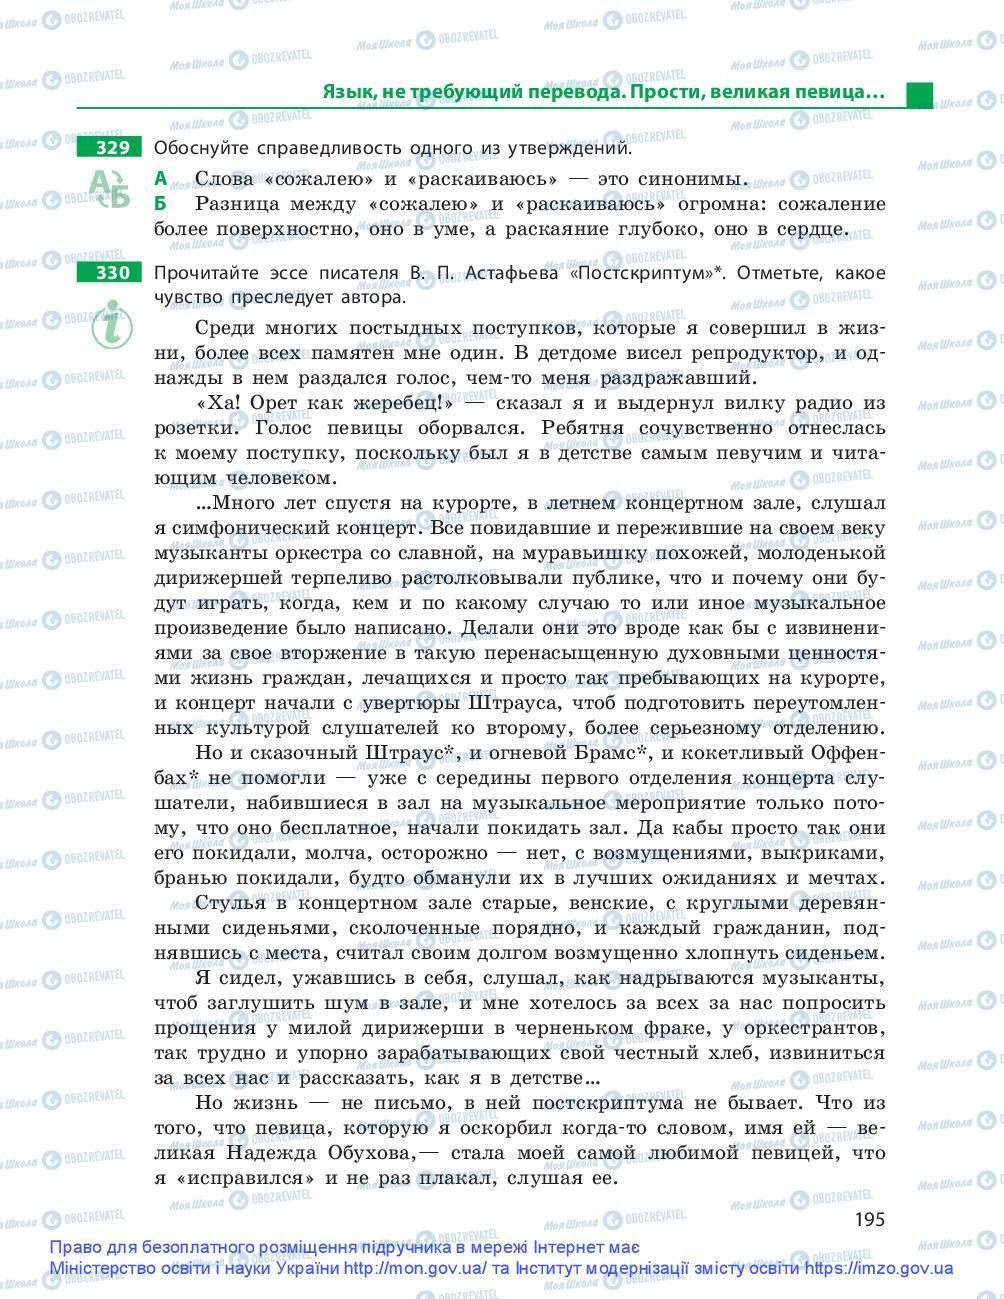 Підручники Російська мова 9 клас сторінка 195